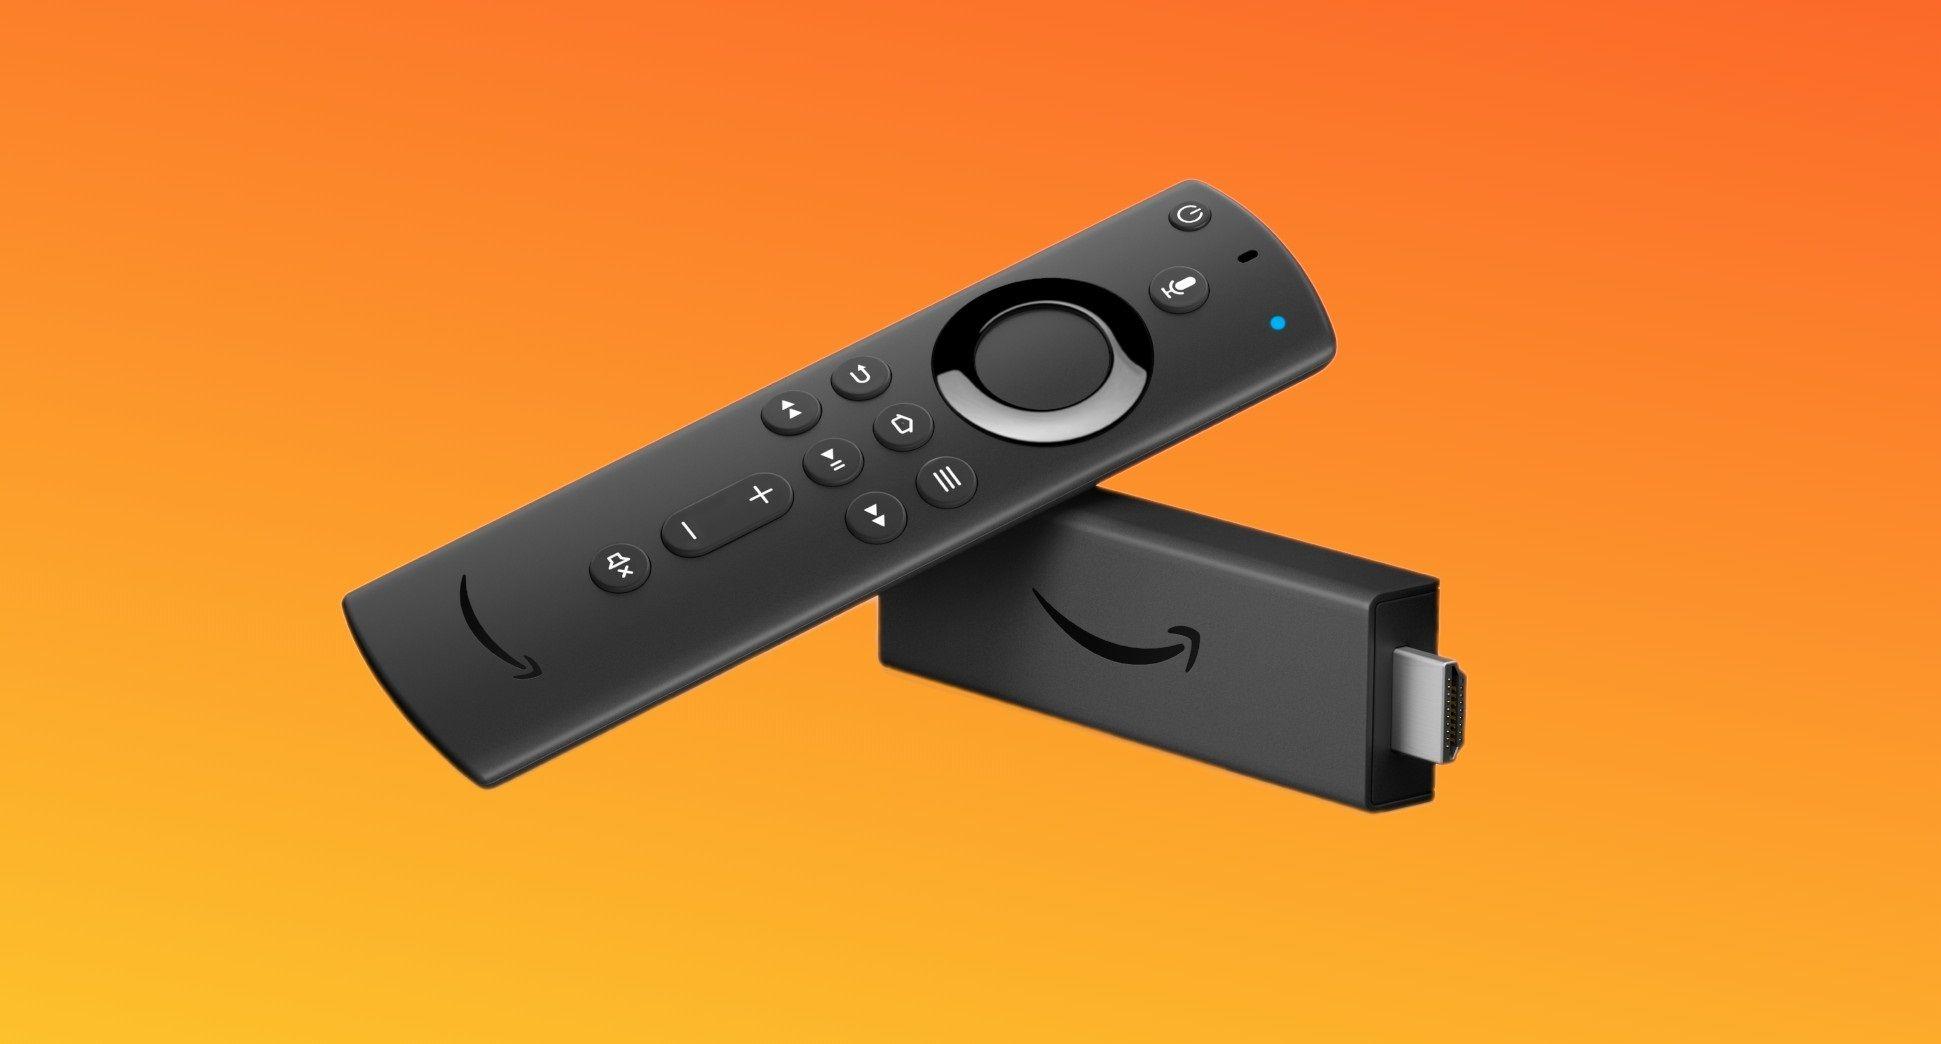 Análisis del Amazon Fire TV Stick Lo recomiendo comprar